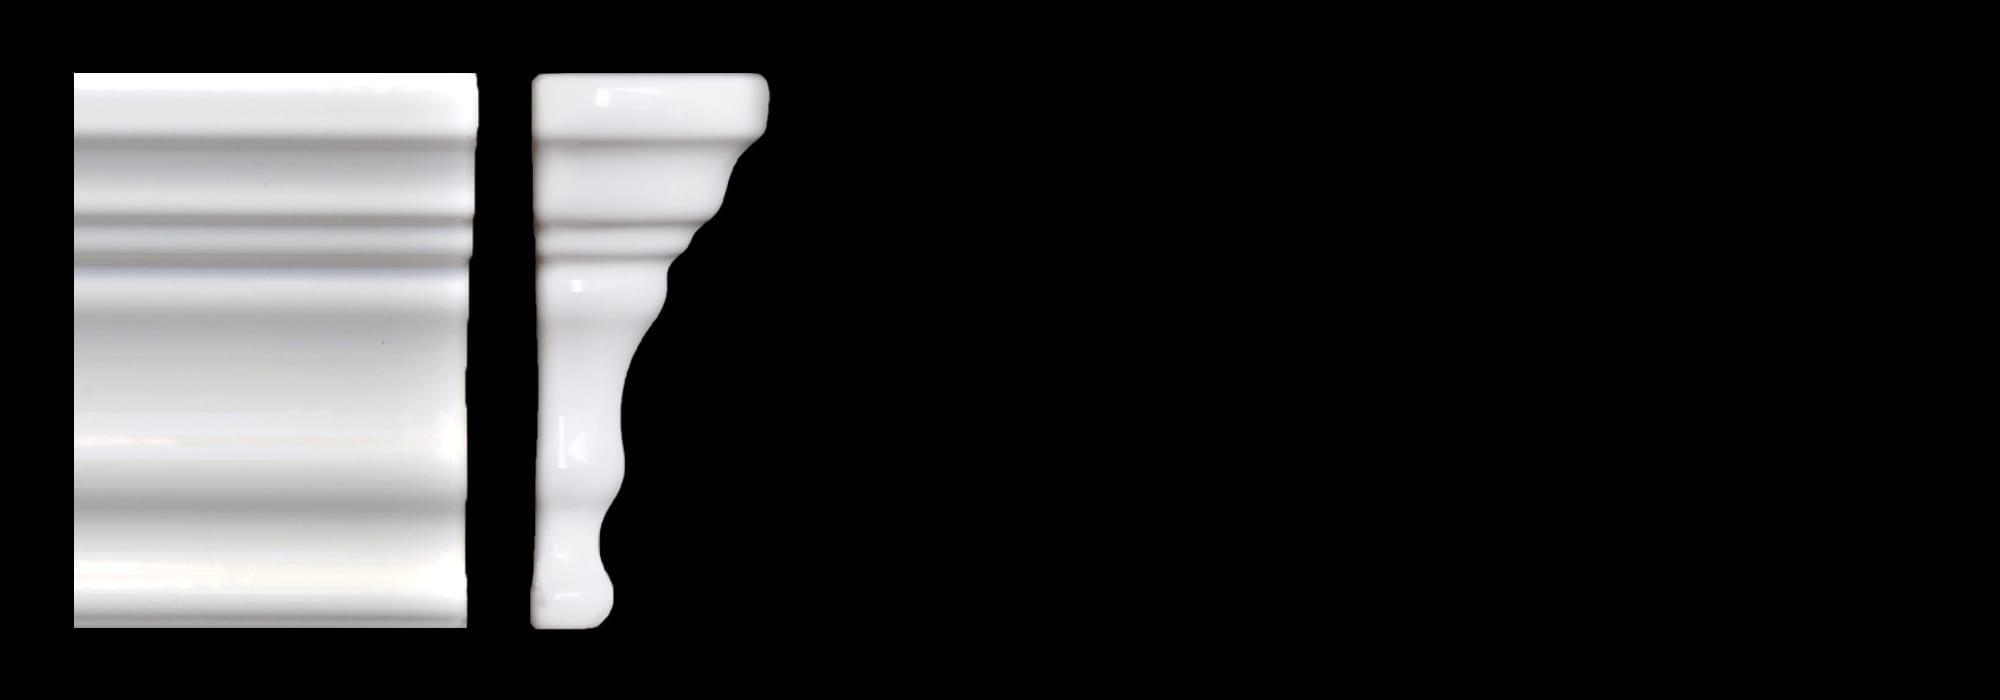 פינה לפנל קרמיקה לבן מבריק 15*10 by Milstone